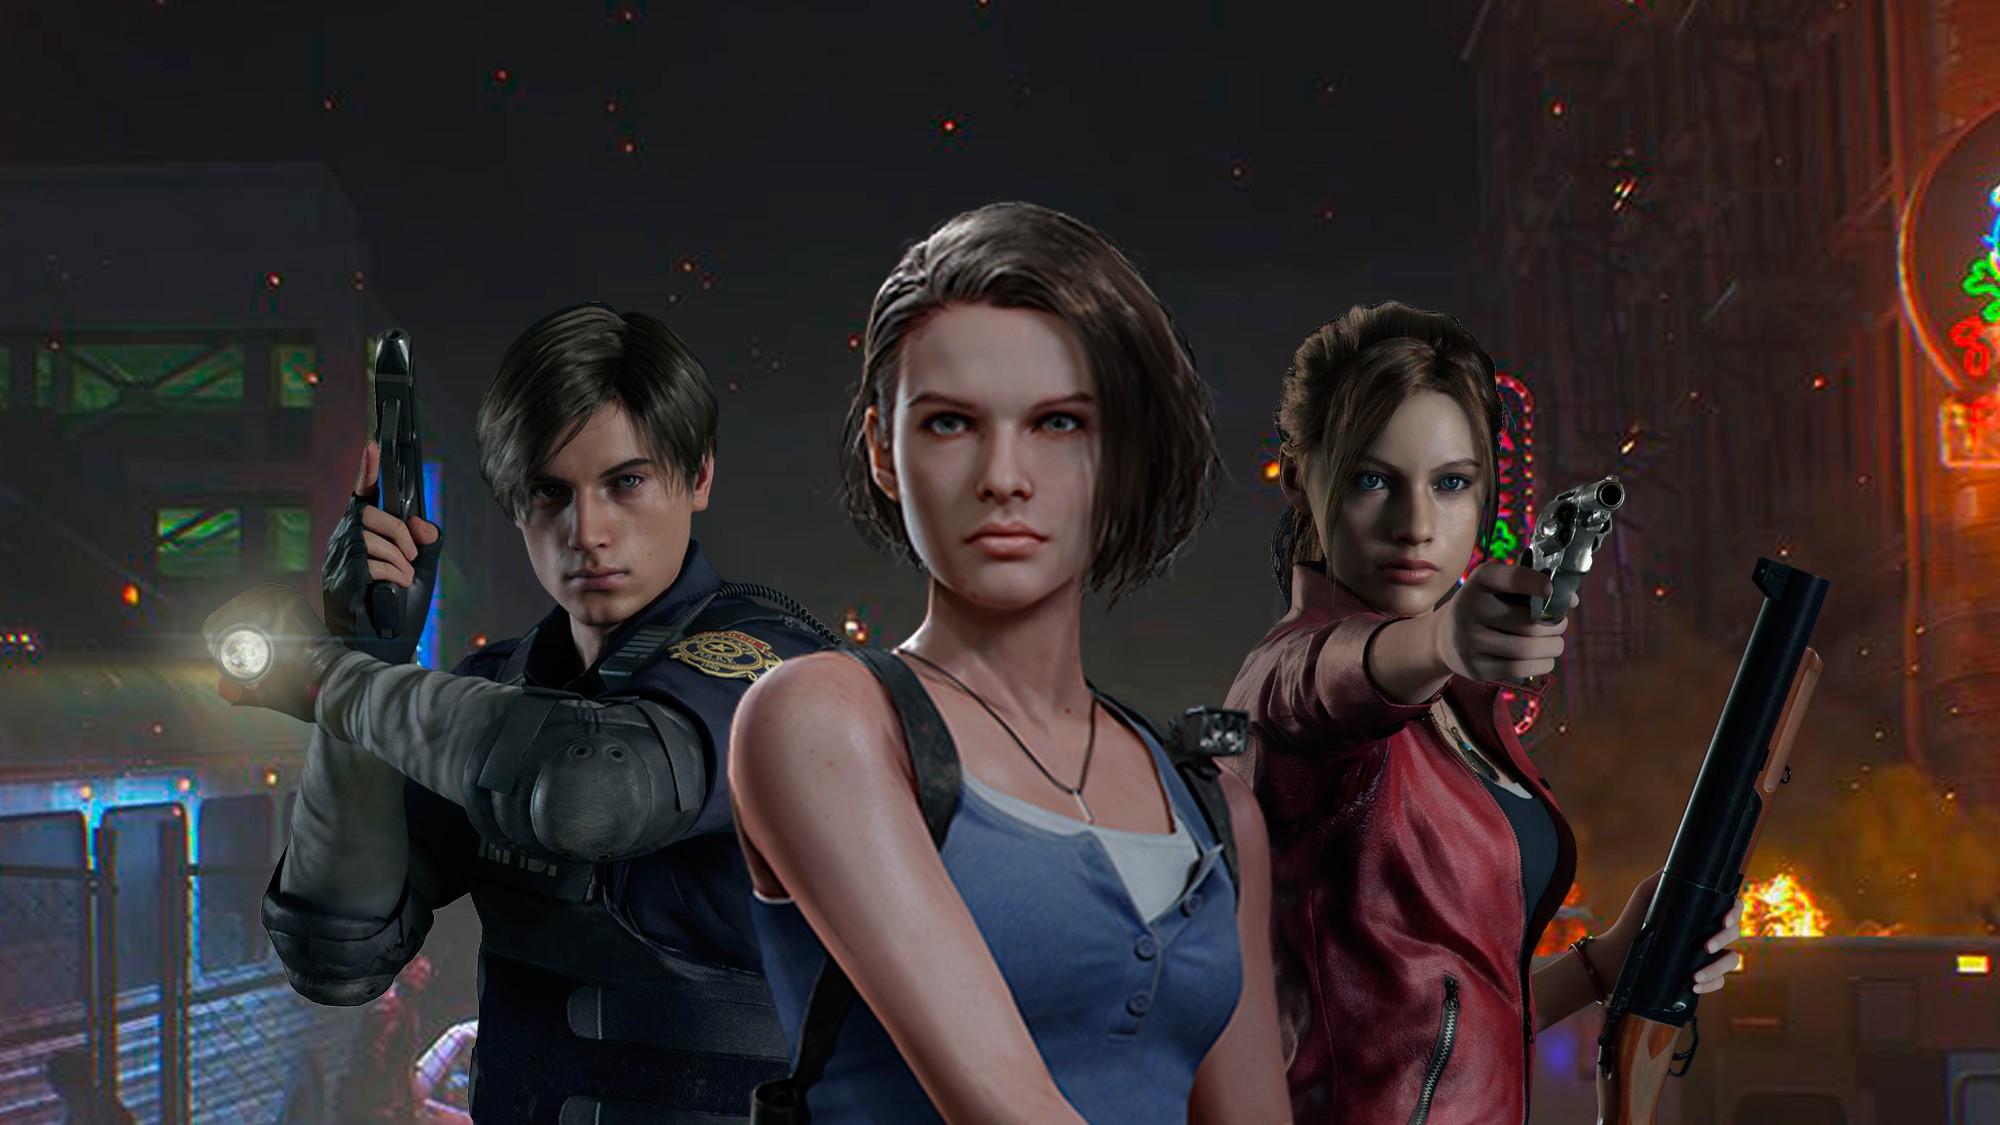 Představeno nové filmové zpracování Resident Evil